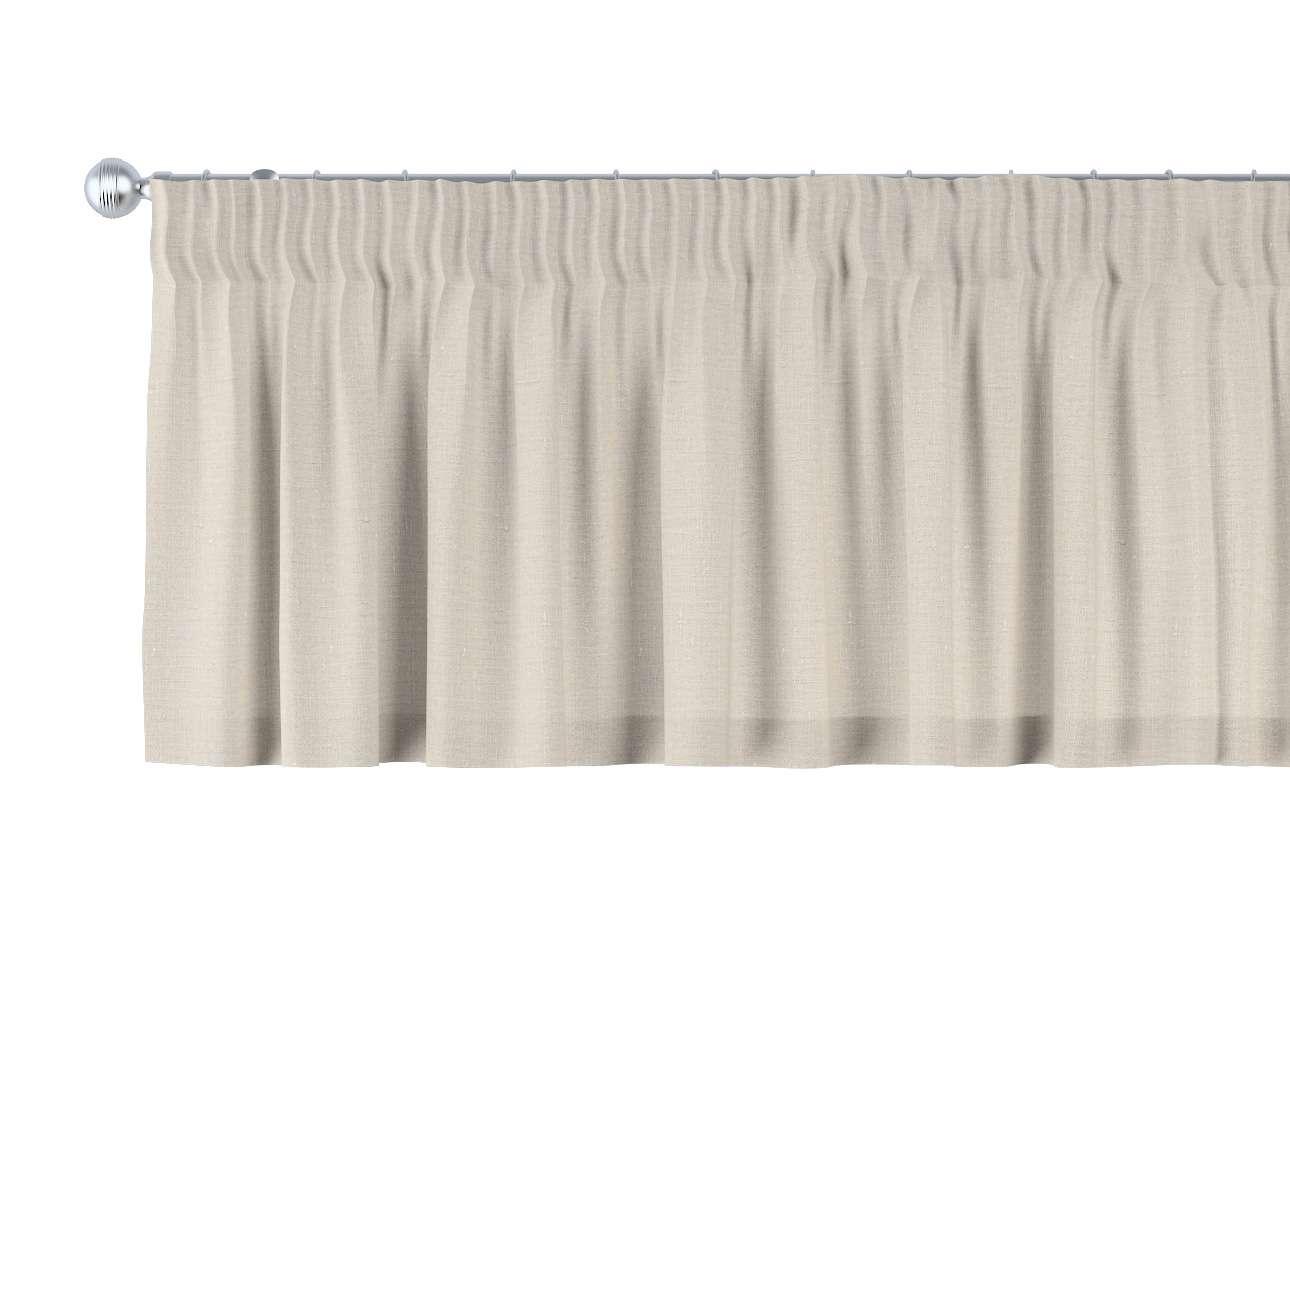 Krátky záves na riasiacej páske V kolekcii Linen, tkanina: 392-05